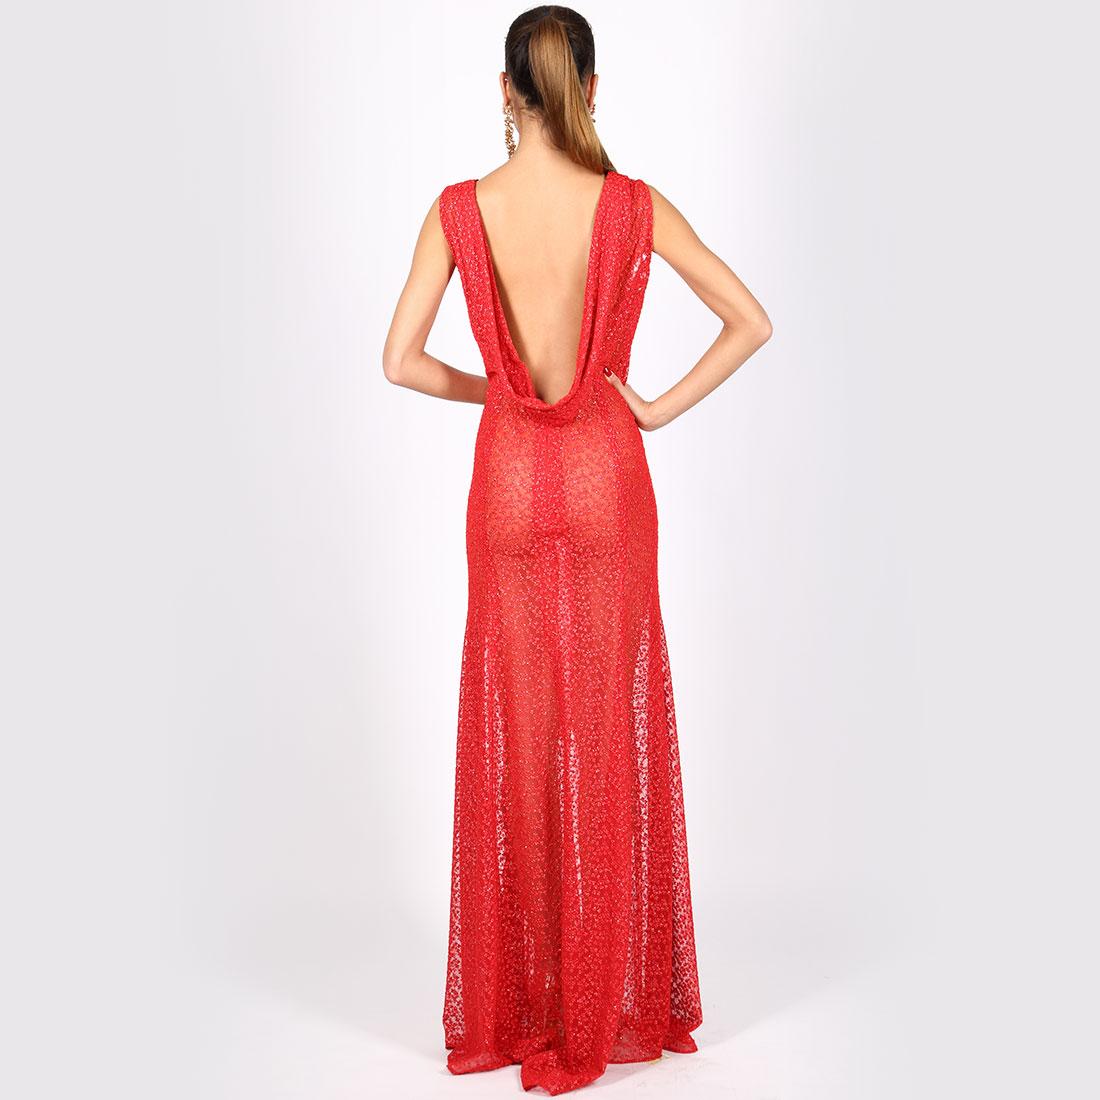 1109bb529adf Spoločenské šaty a plesové šaty. Plesové šaty extravagantné ...